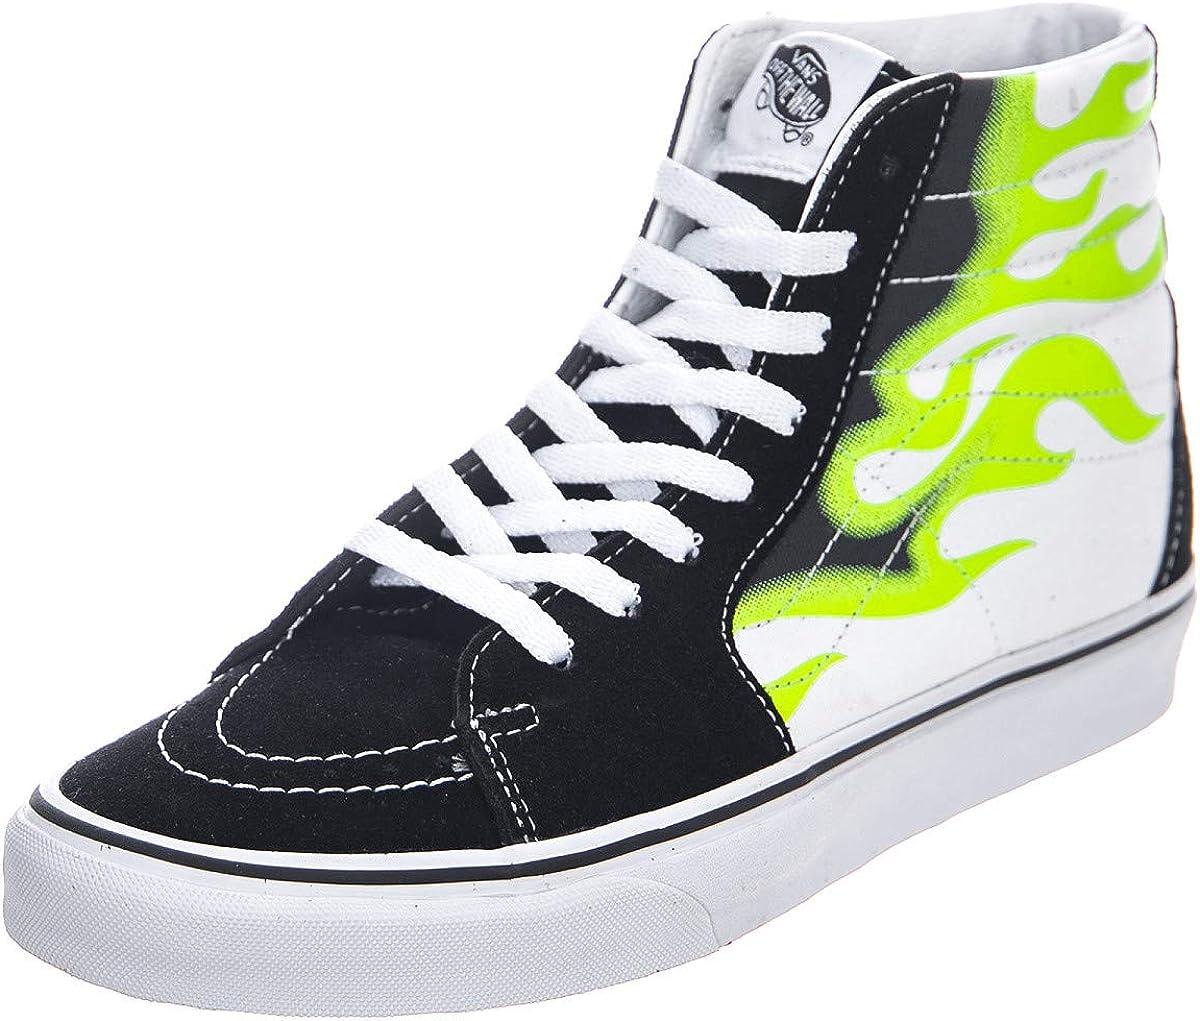 Amazon.com: Vans Sk8-Hi (Flame): Shoes